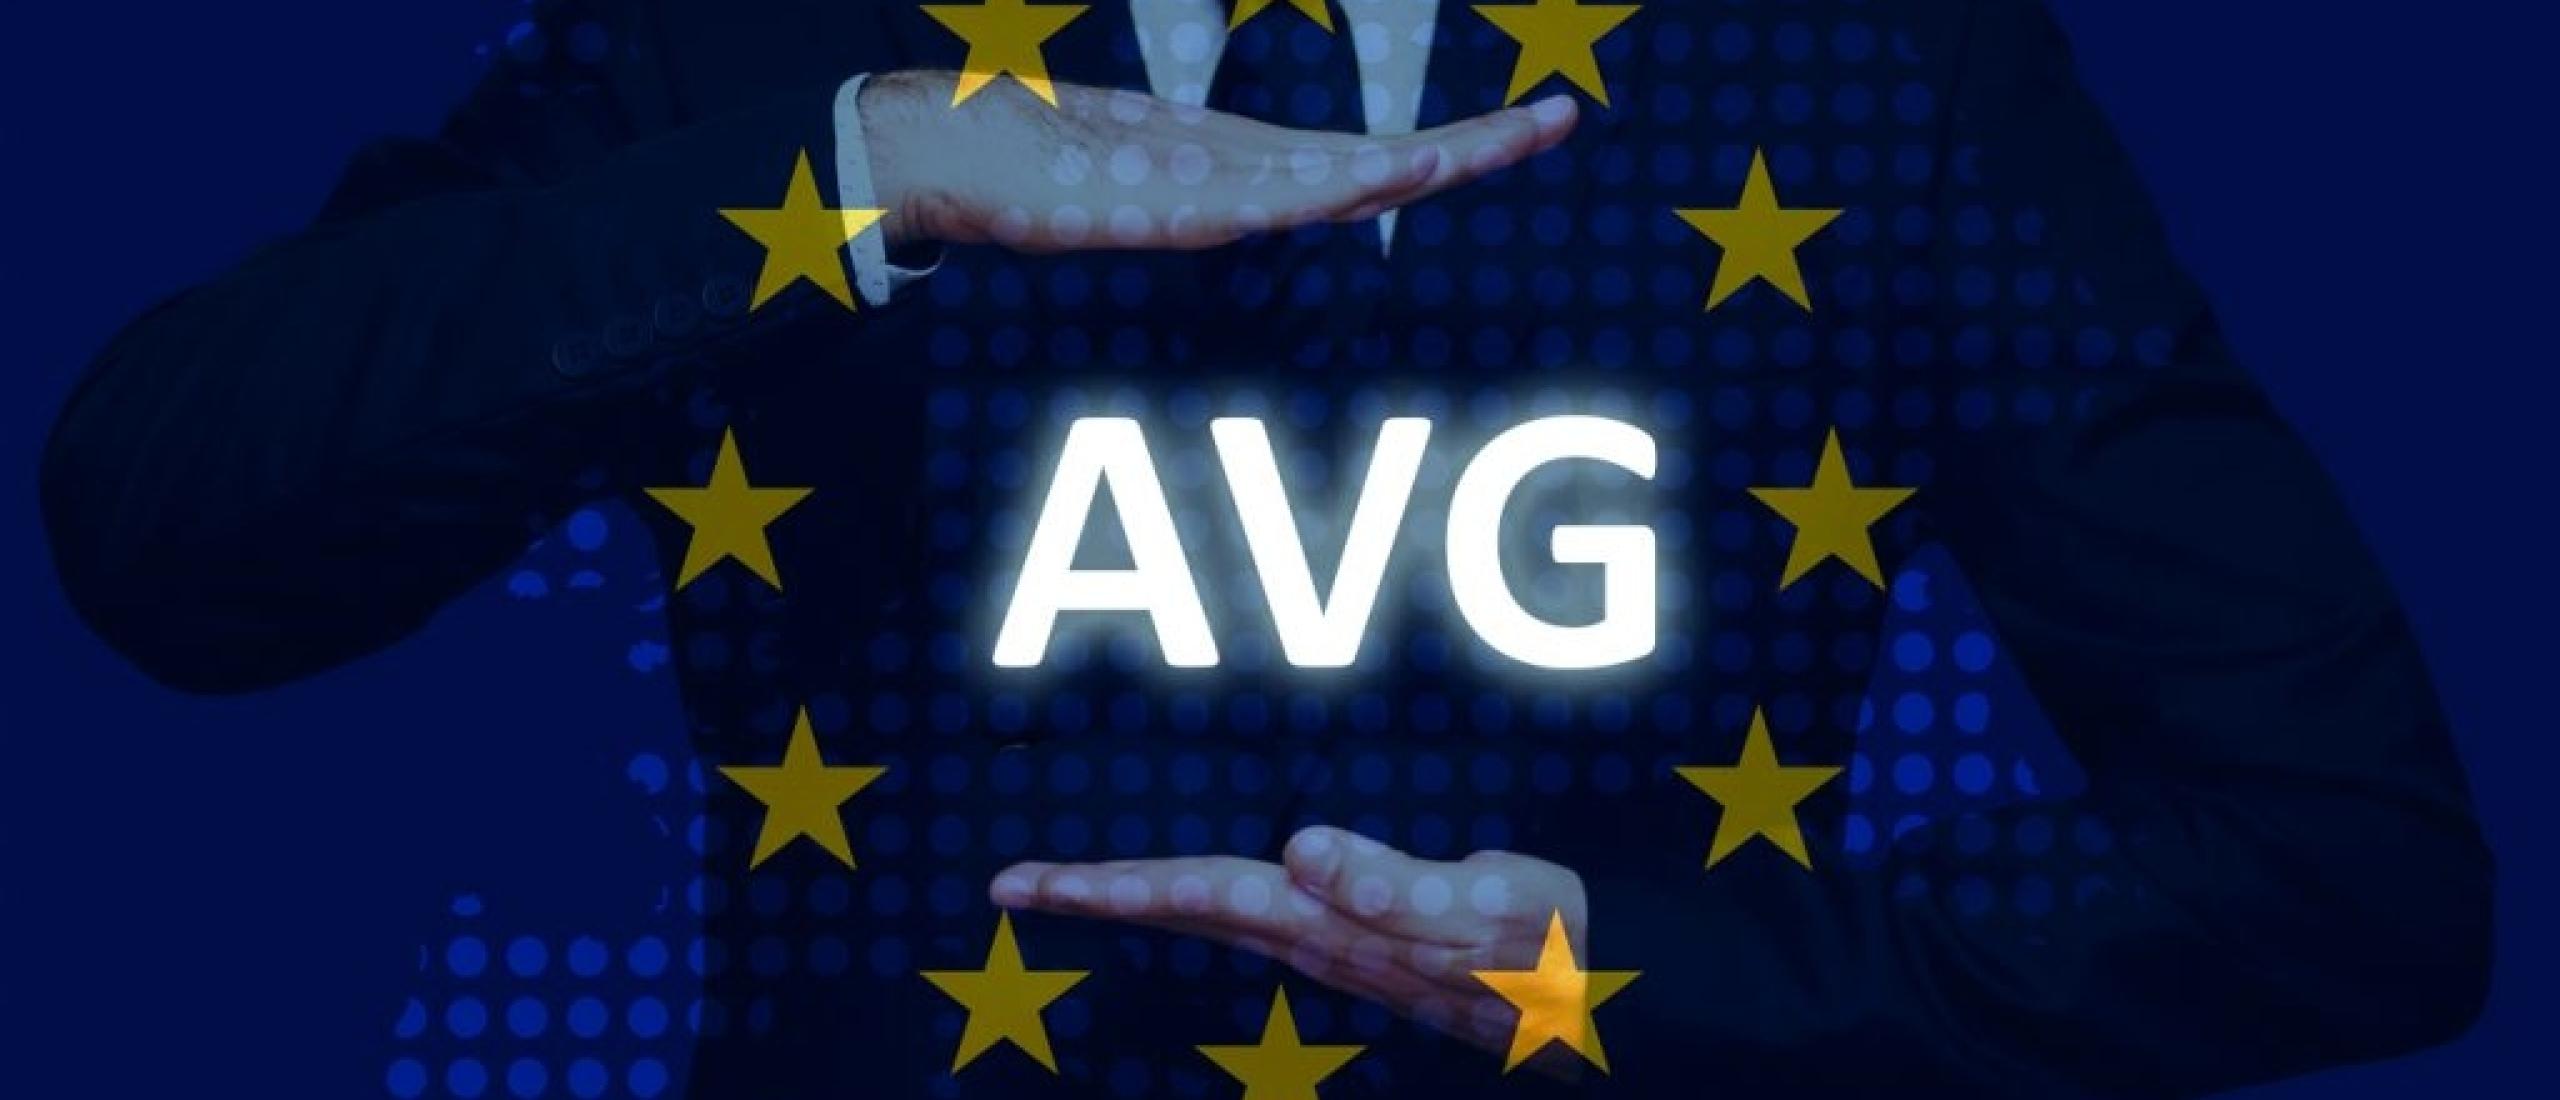 Privacywet AVG net zo belangrijk in VS als in Europa